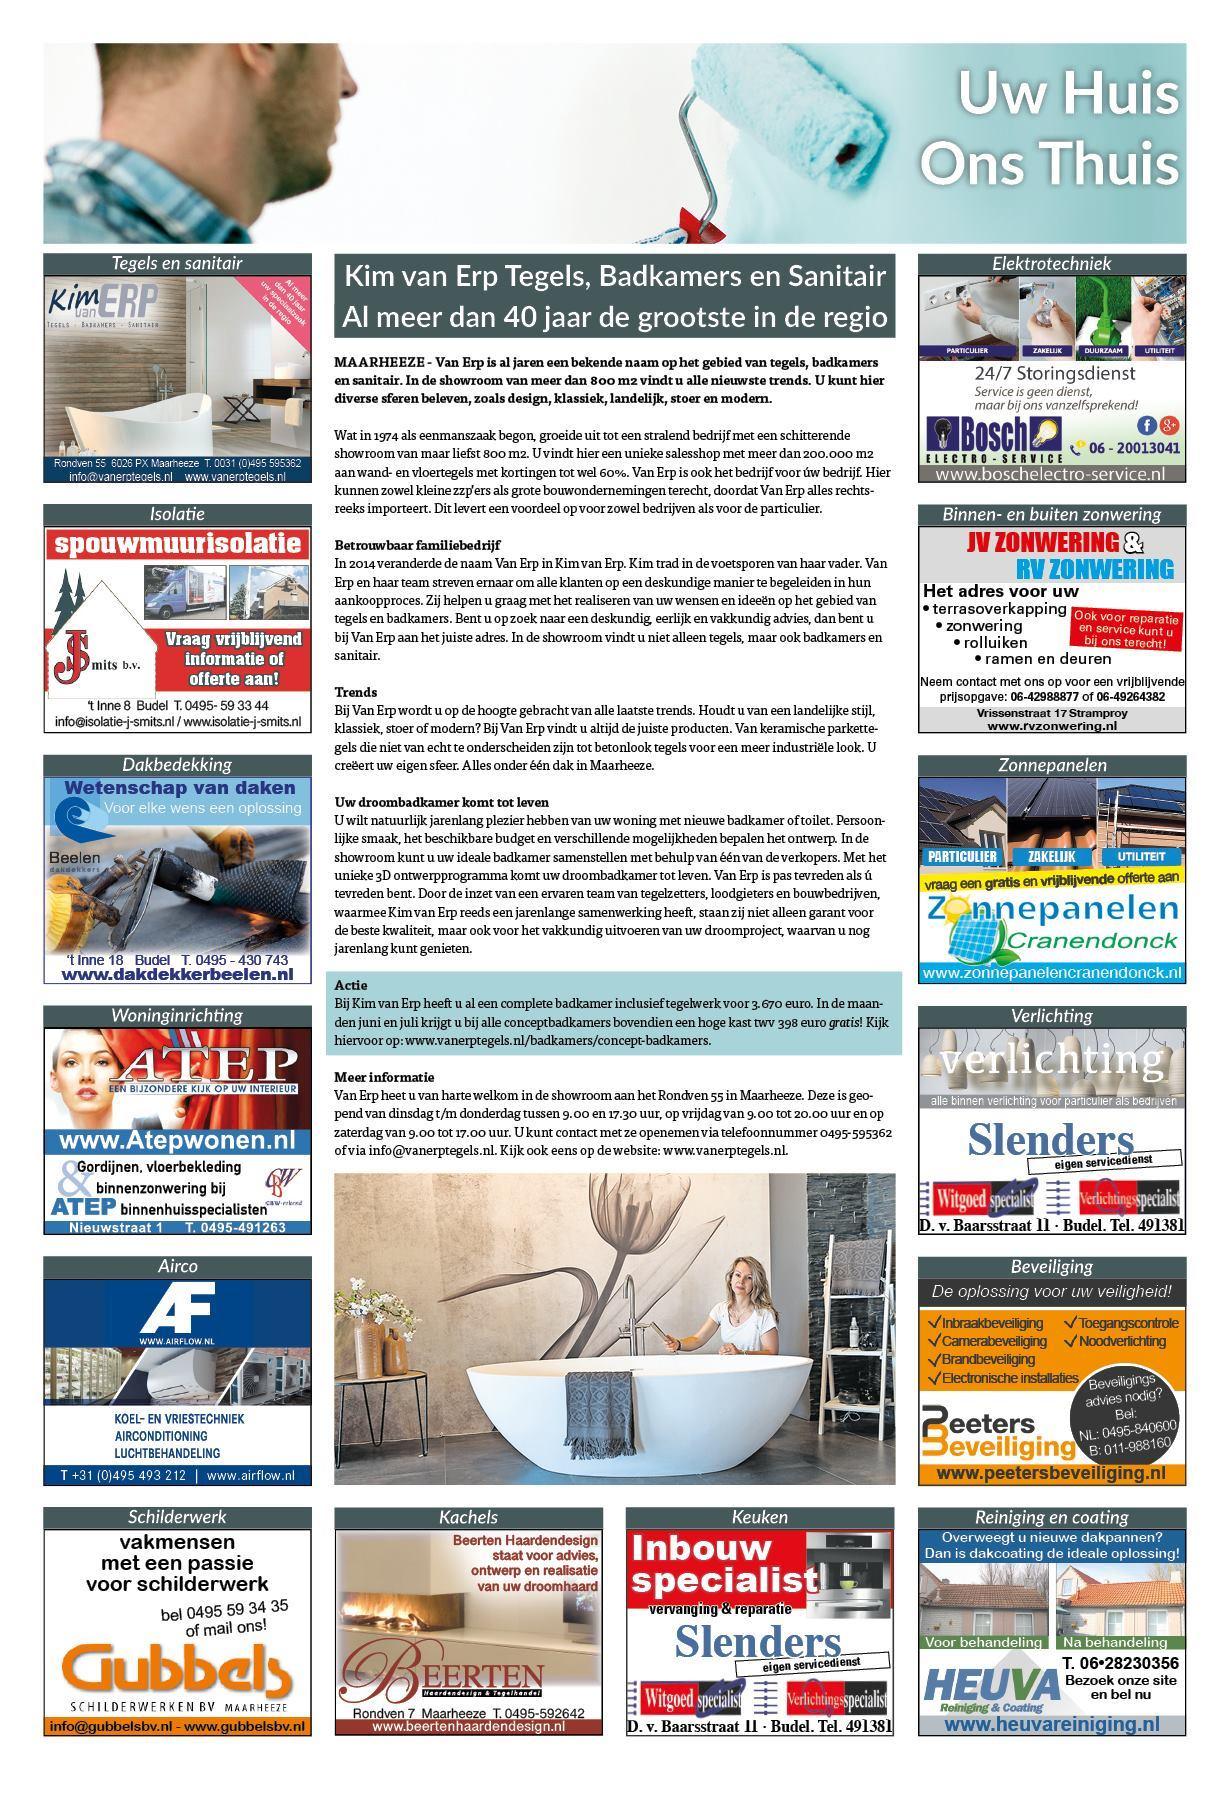 De Grenskoerier - Kim van Erp tegels, badkamers en sanitair